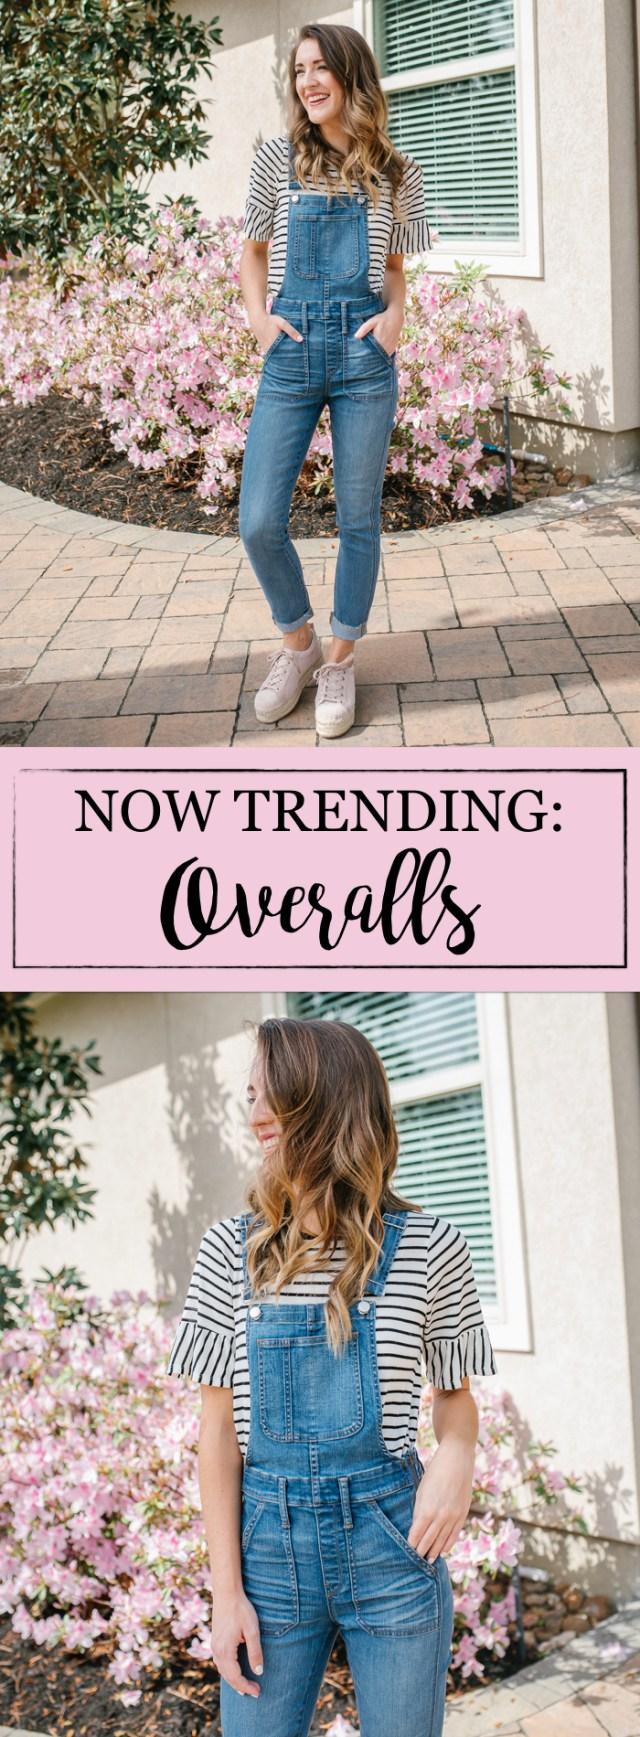 Trending: Overalls